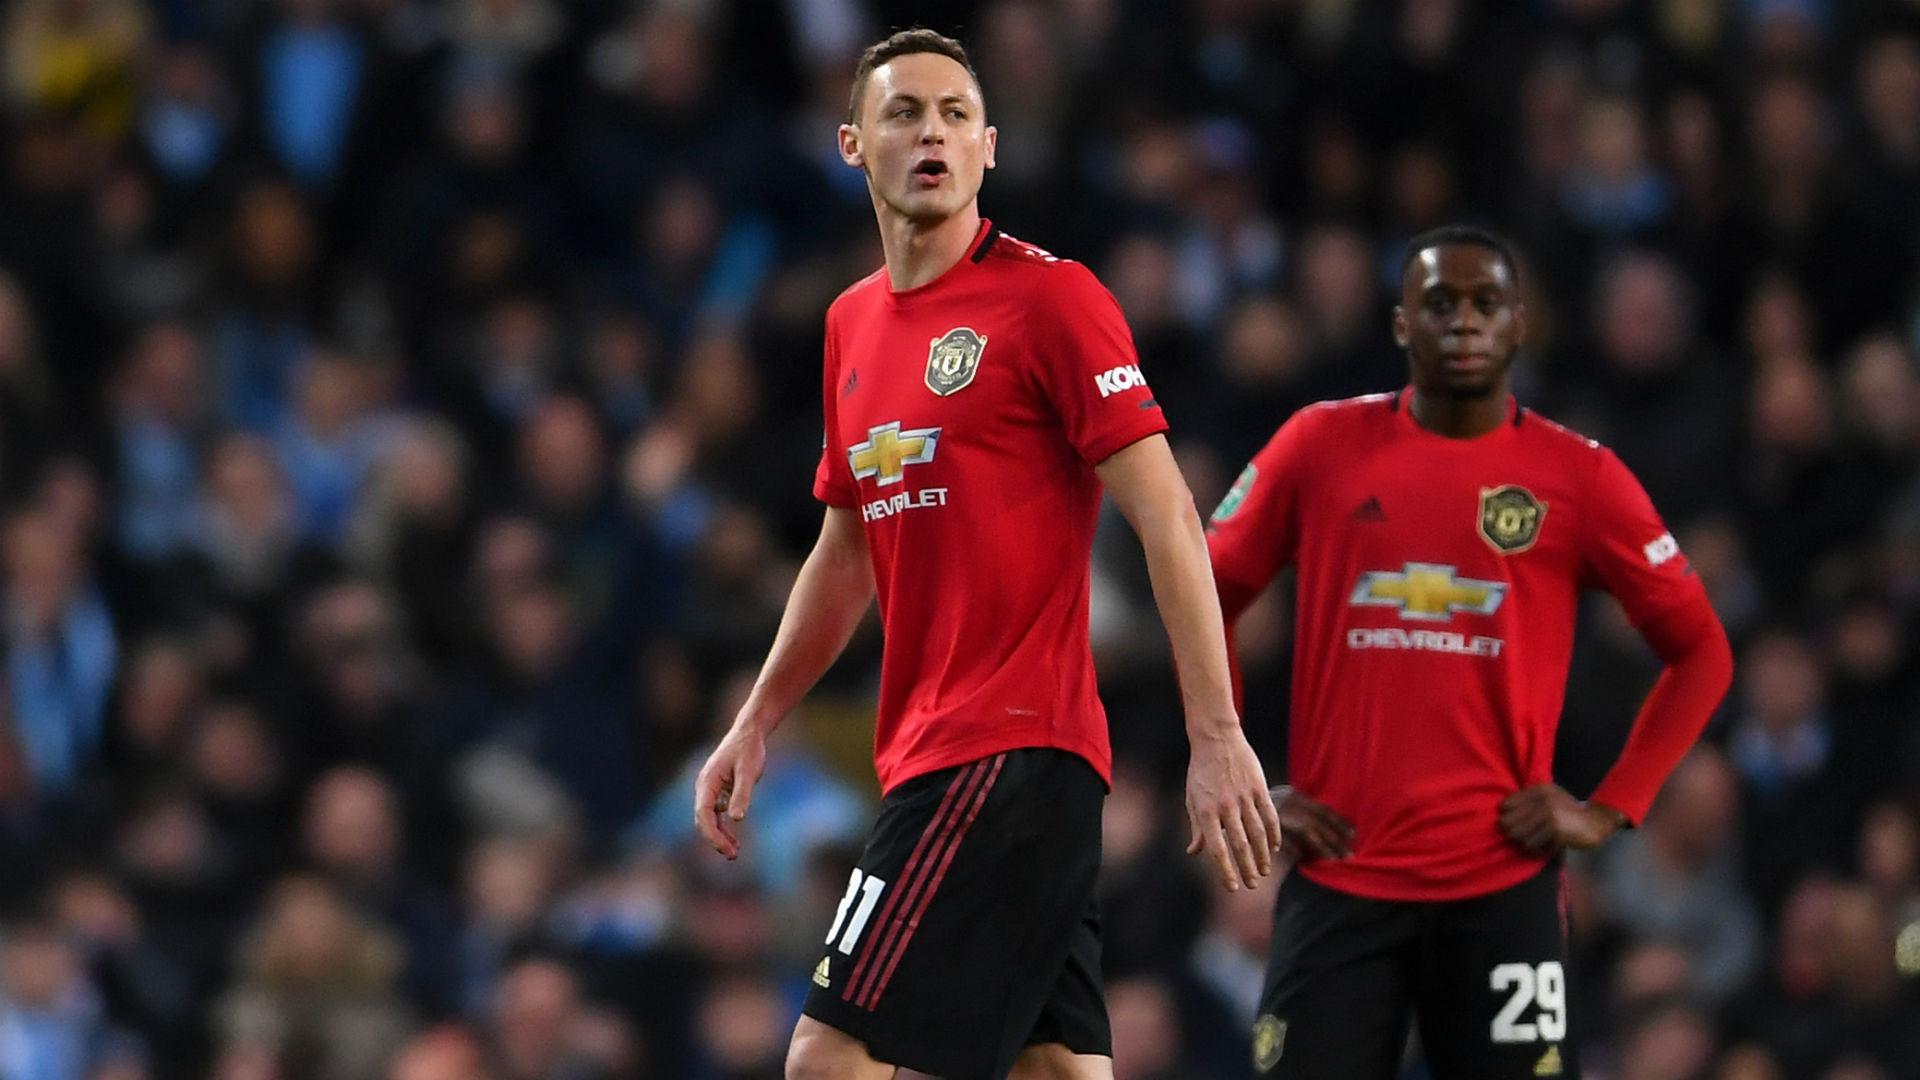 Solskjaer Slams Joke Matic Dismissal But Lauds Man Utd Players Football News Stadium Astro